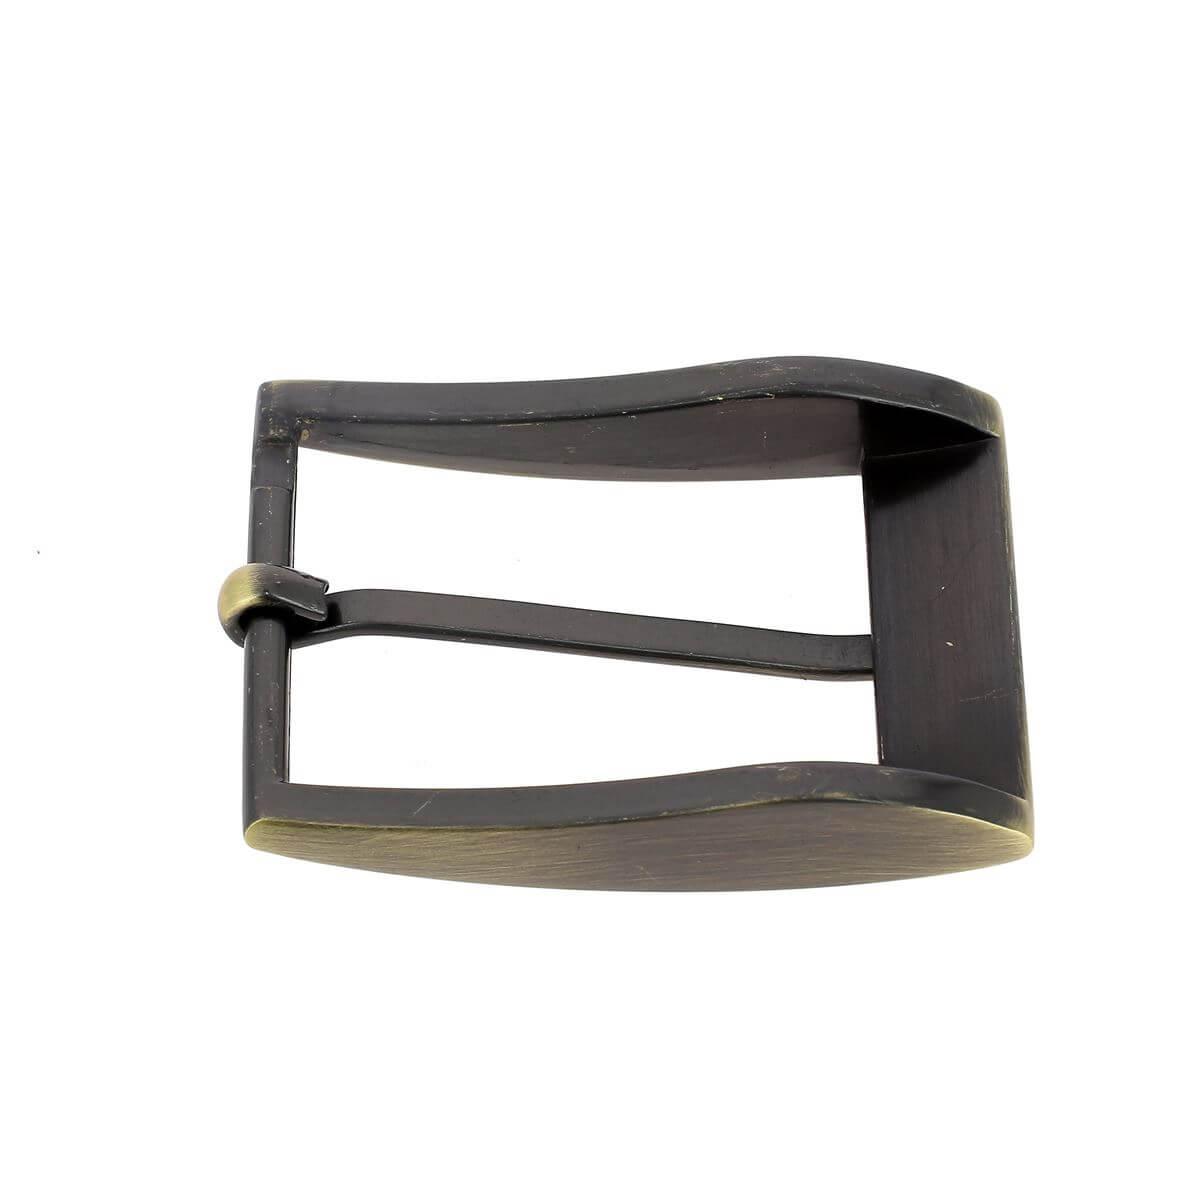 Boucle de ceinture ELI - LAITON VIEILLI BROSSE - 35 mm